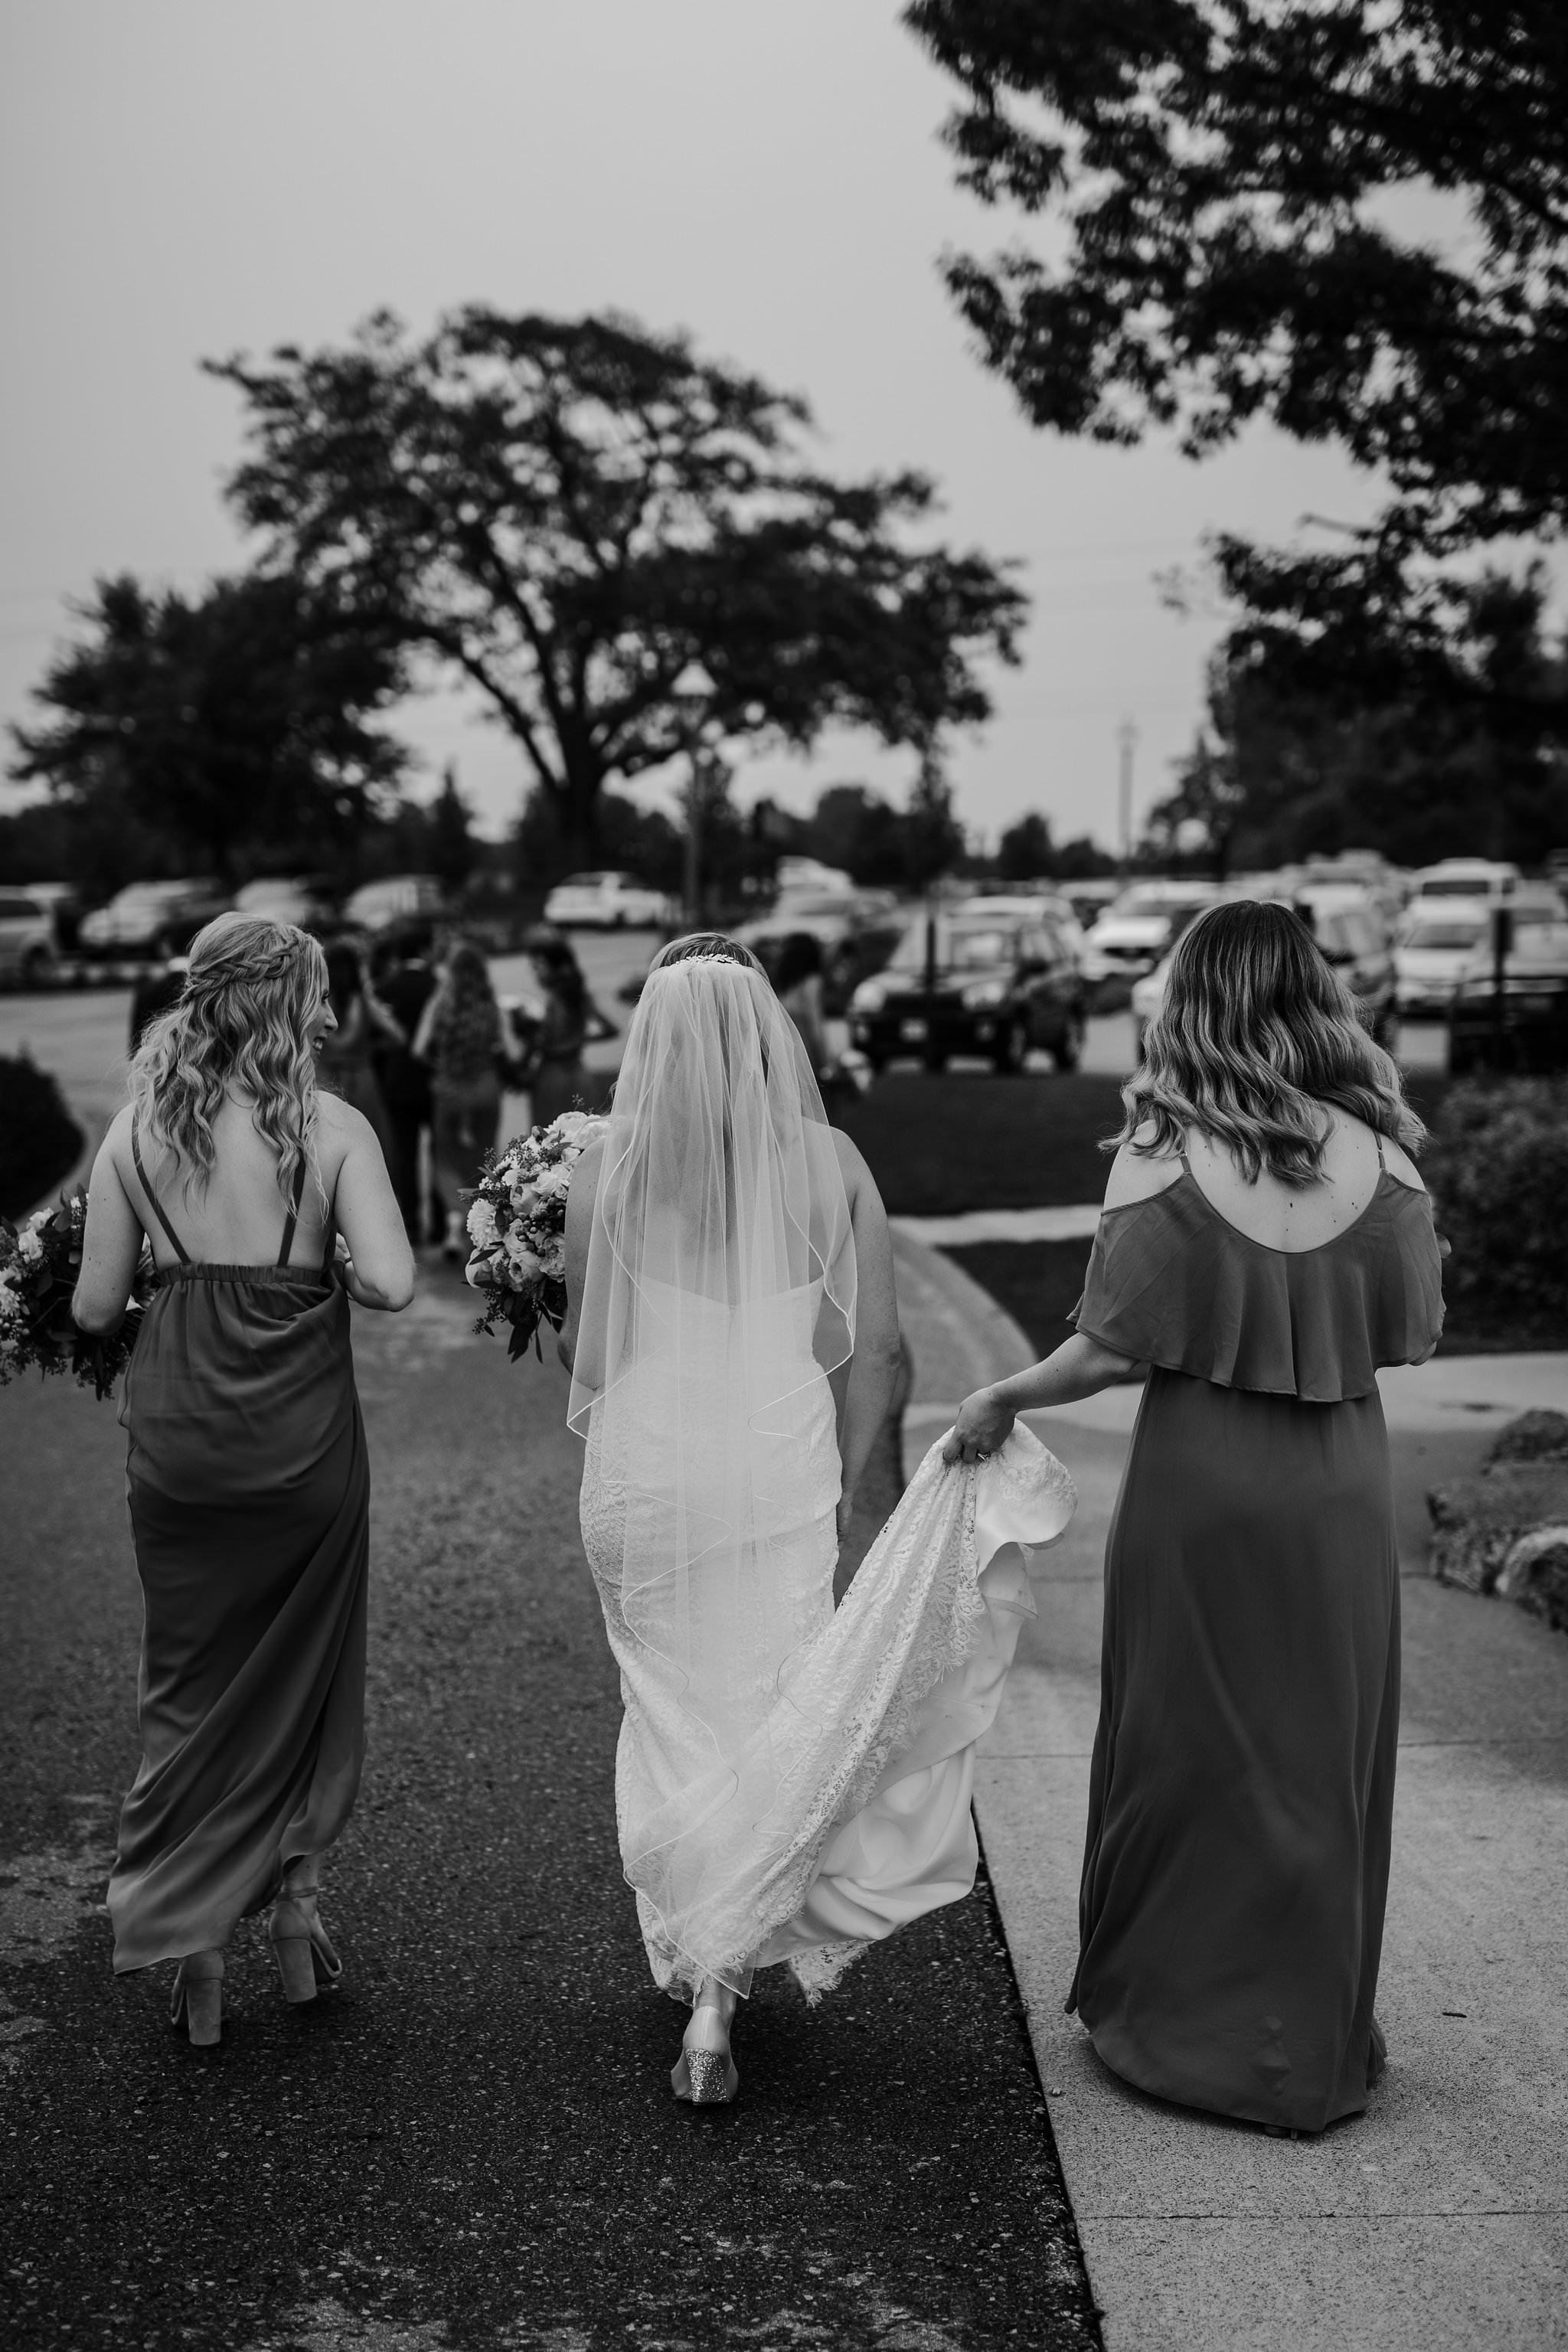 brides and bridesmaids walking away carrying train